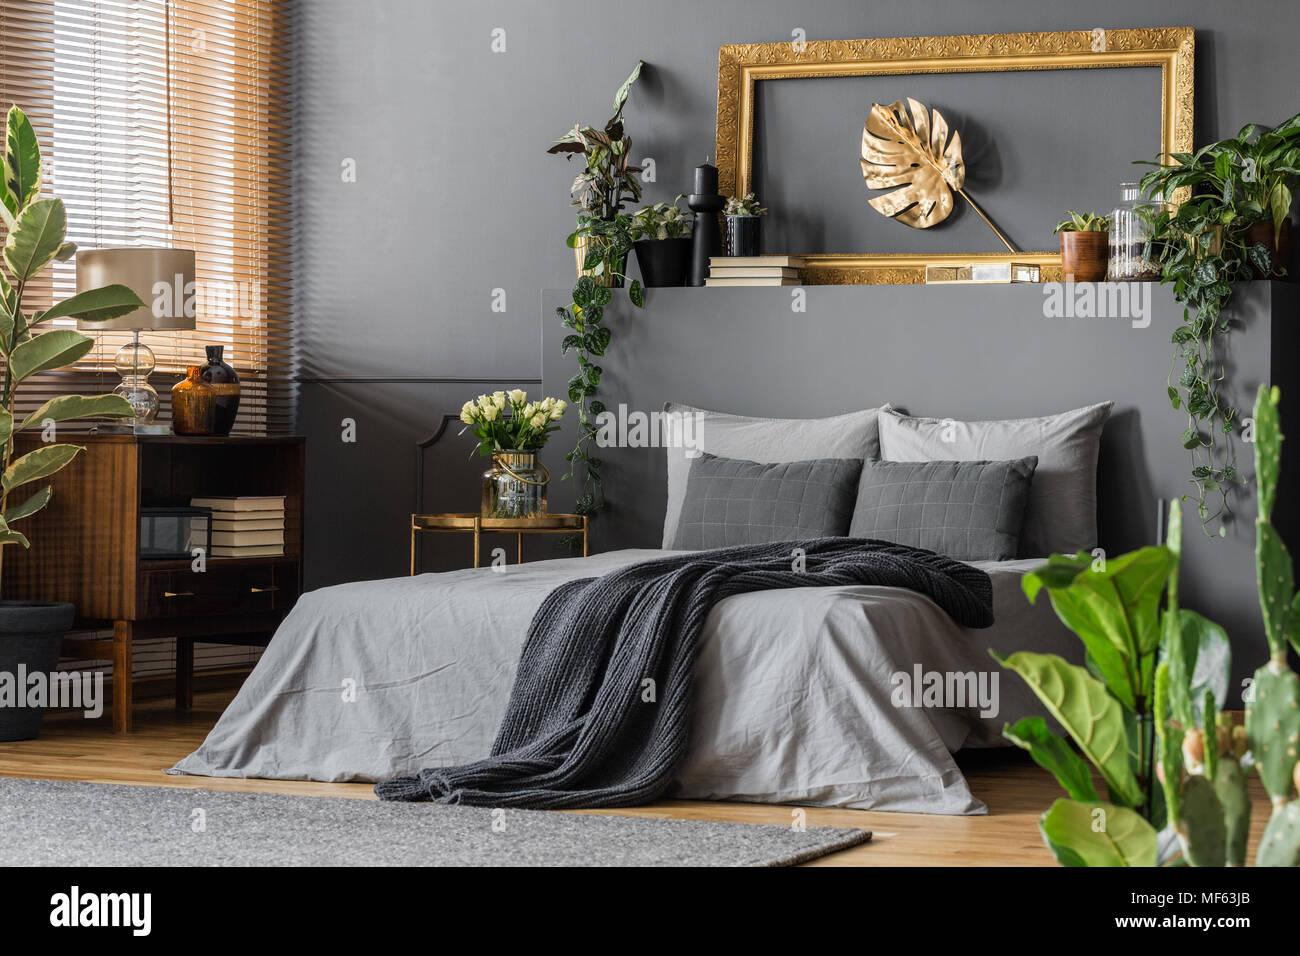 Letto Grigio Scuro : La foglia di oro nel telaio sulla parete sopra il letto di colore